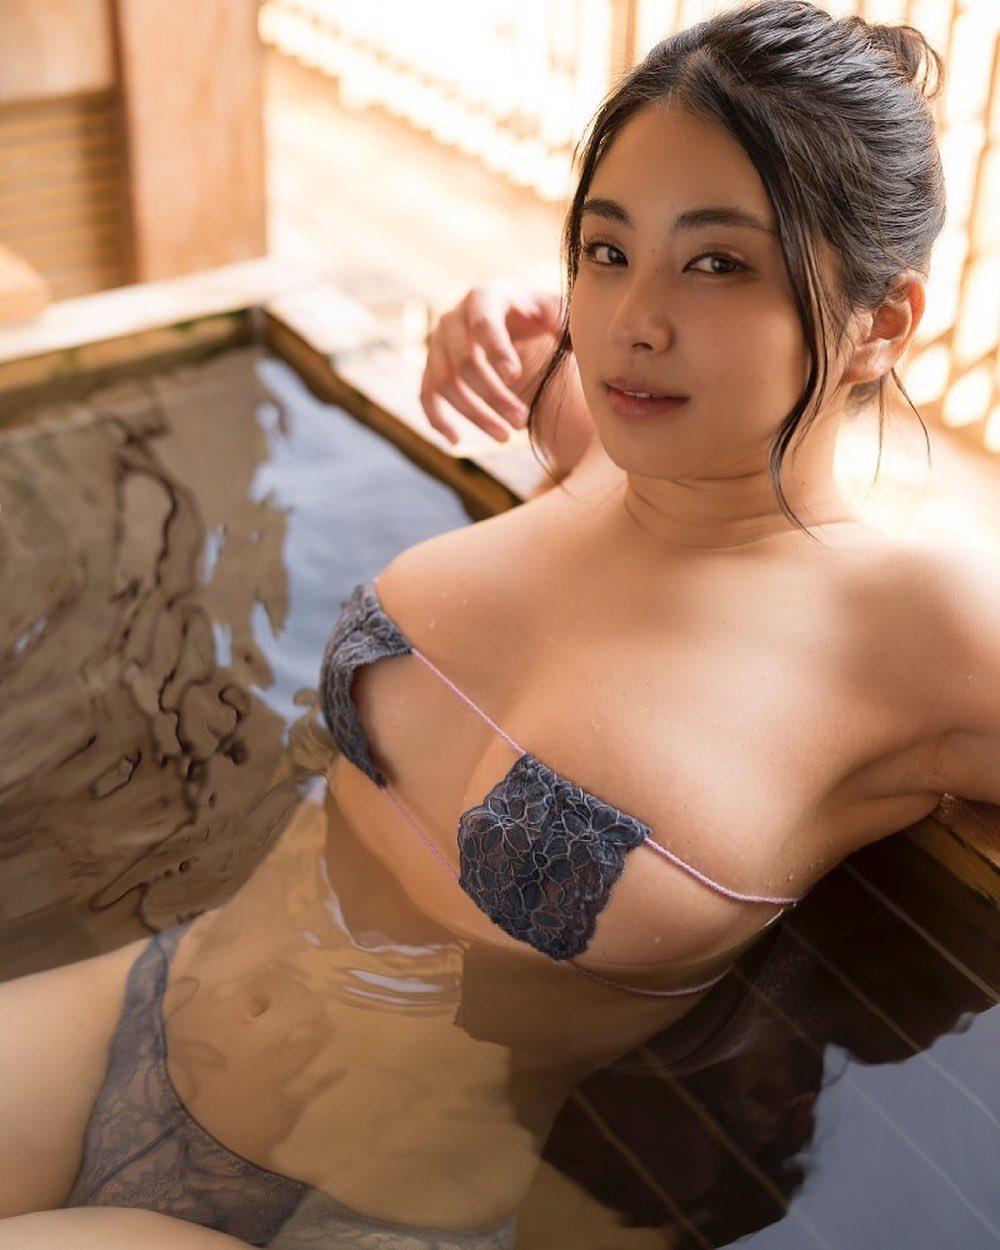 「トロたんのここ空いてますよ」セクシーお風呂グラビアショットを公開【トロたんさん/2021年4月13日】